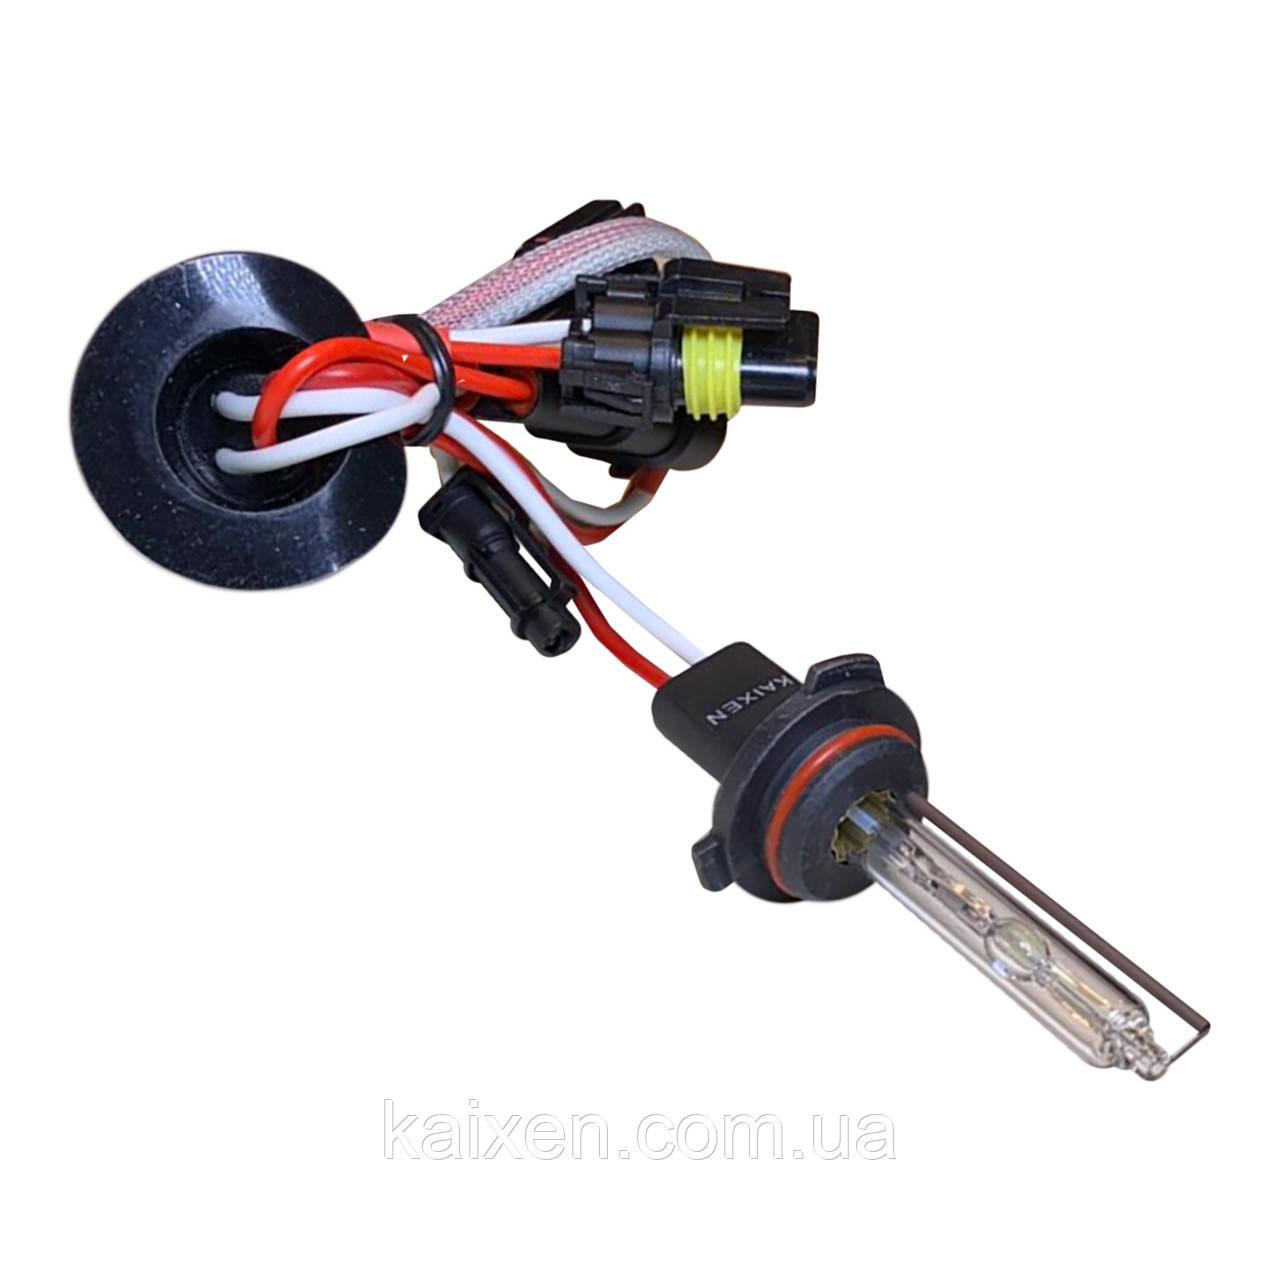 Ксеноновые лампы HB3 4300K Kaixen Vision+ (2шт.) ультраяркие